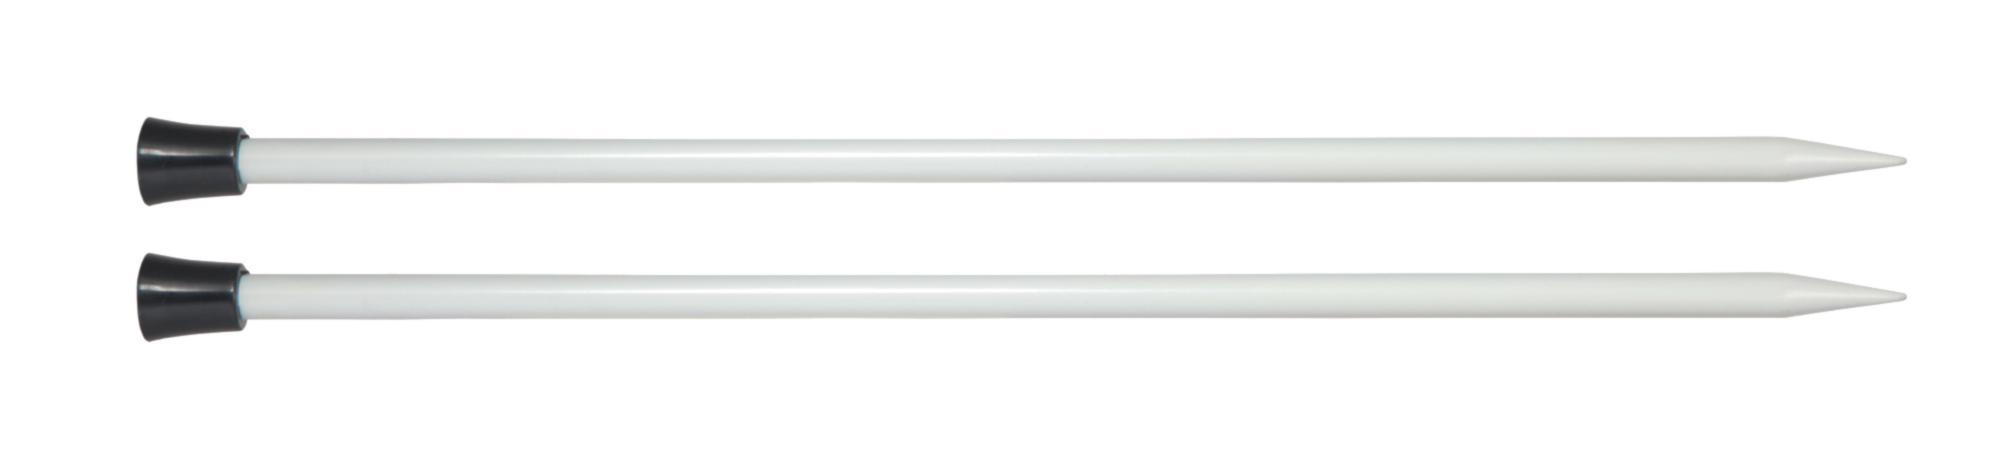 Спицы прямые 40 см Basix Aluminium KnitPro, 45289, 2.75 мм